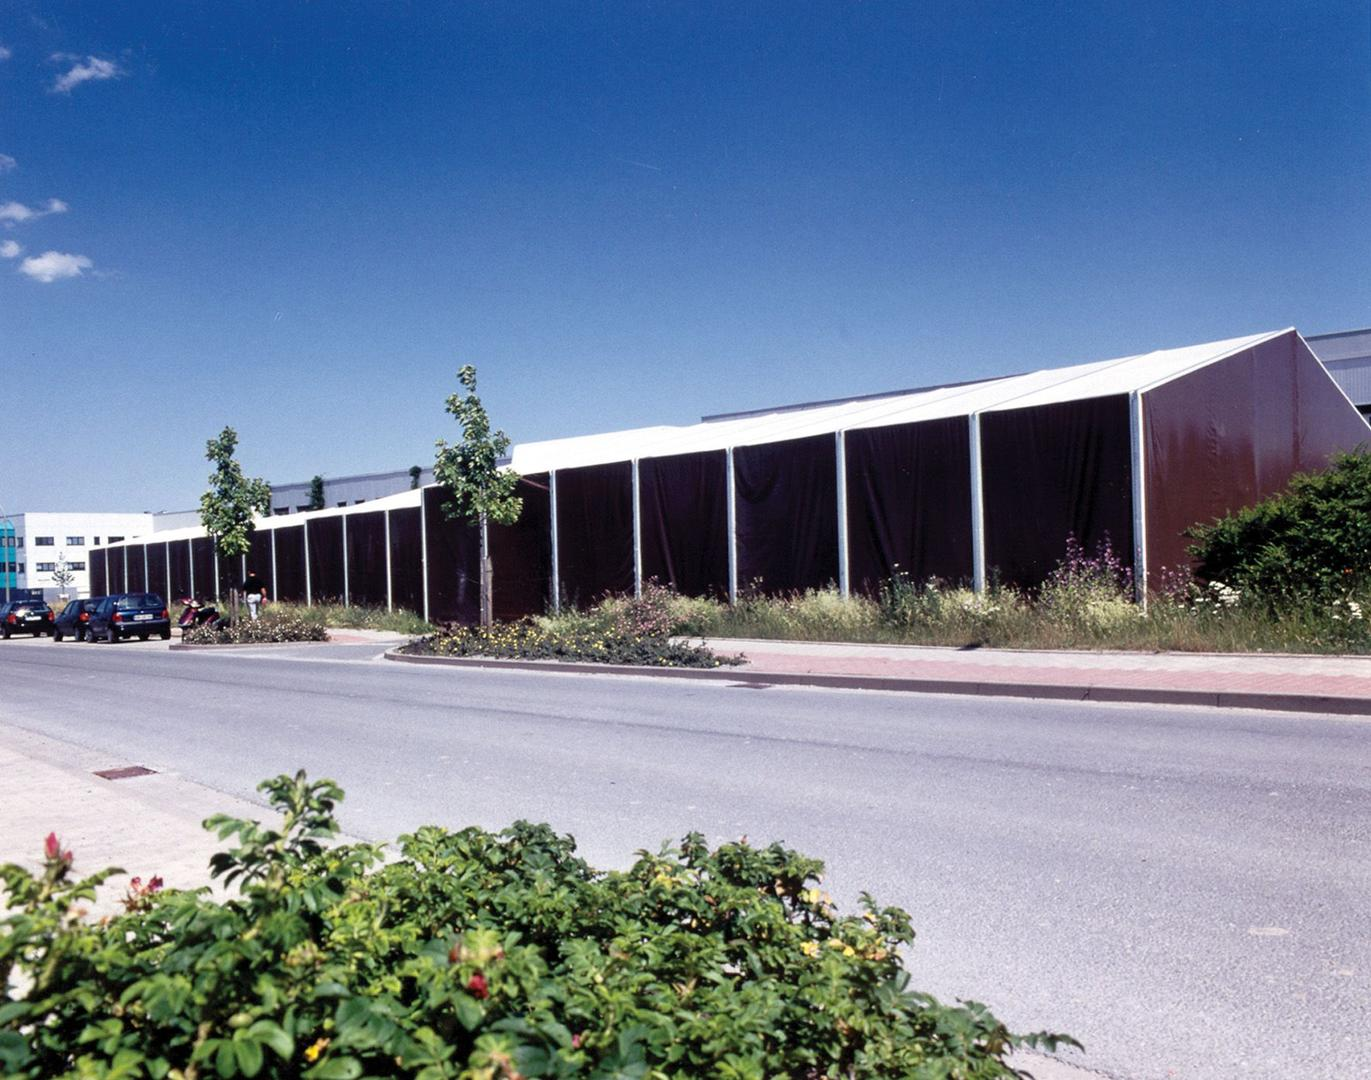 Lagerzelt mieten & vermieten - Leichtbauhalle, Lagerhalle, Lagerzelt 17,50x15m in Reinstädt